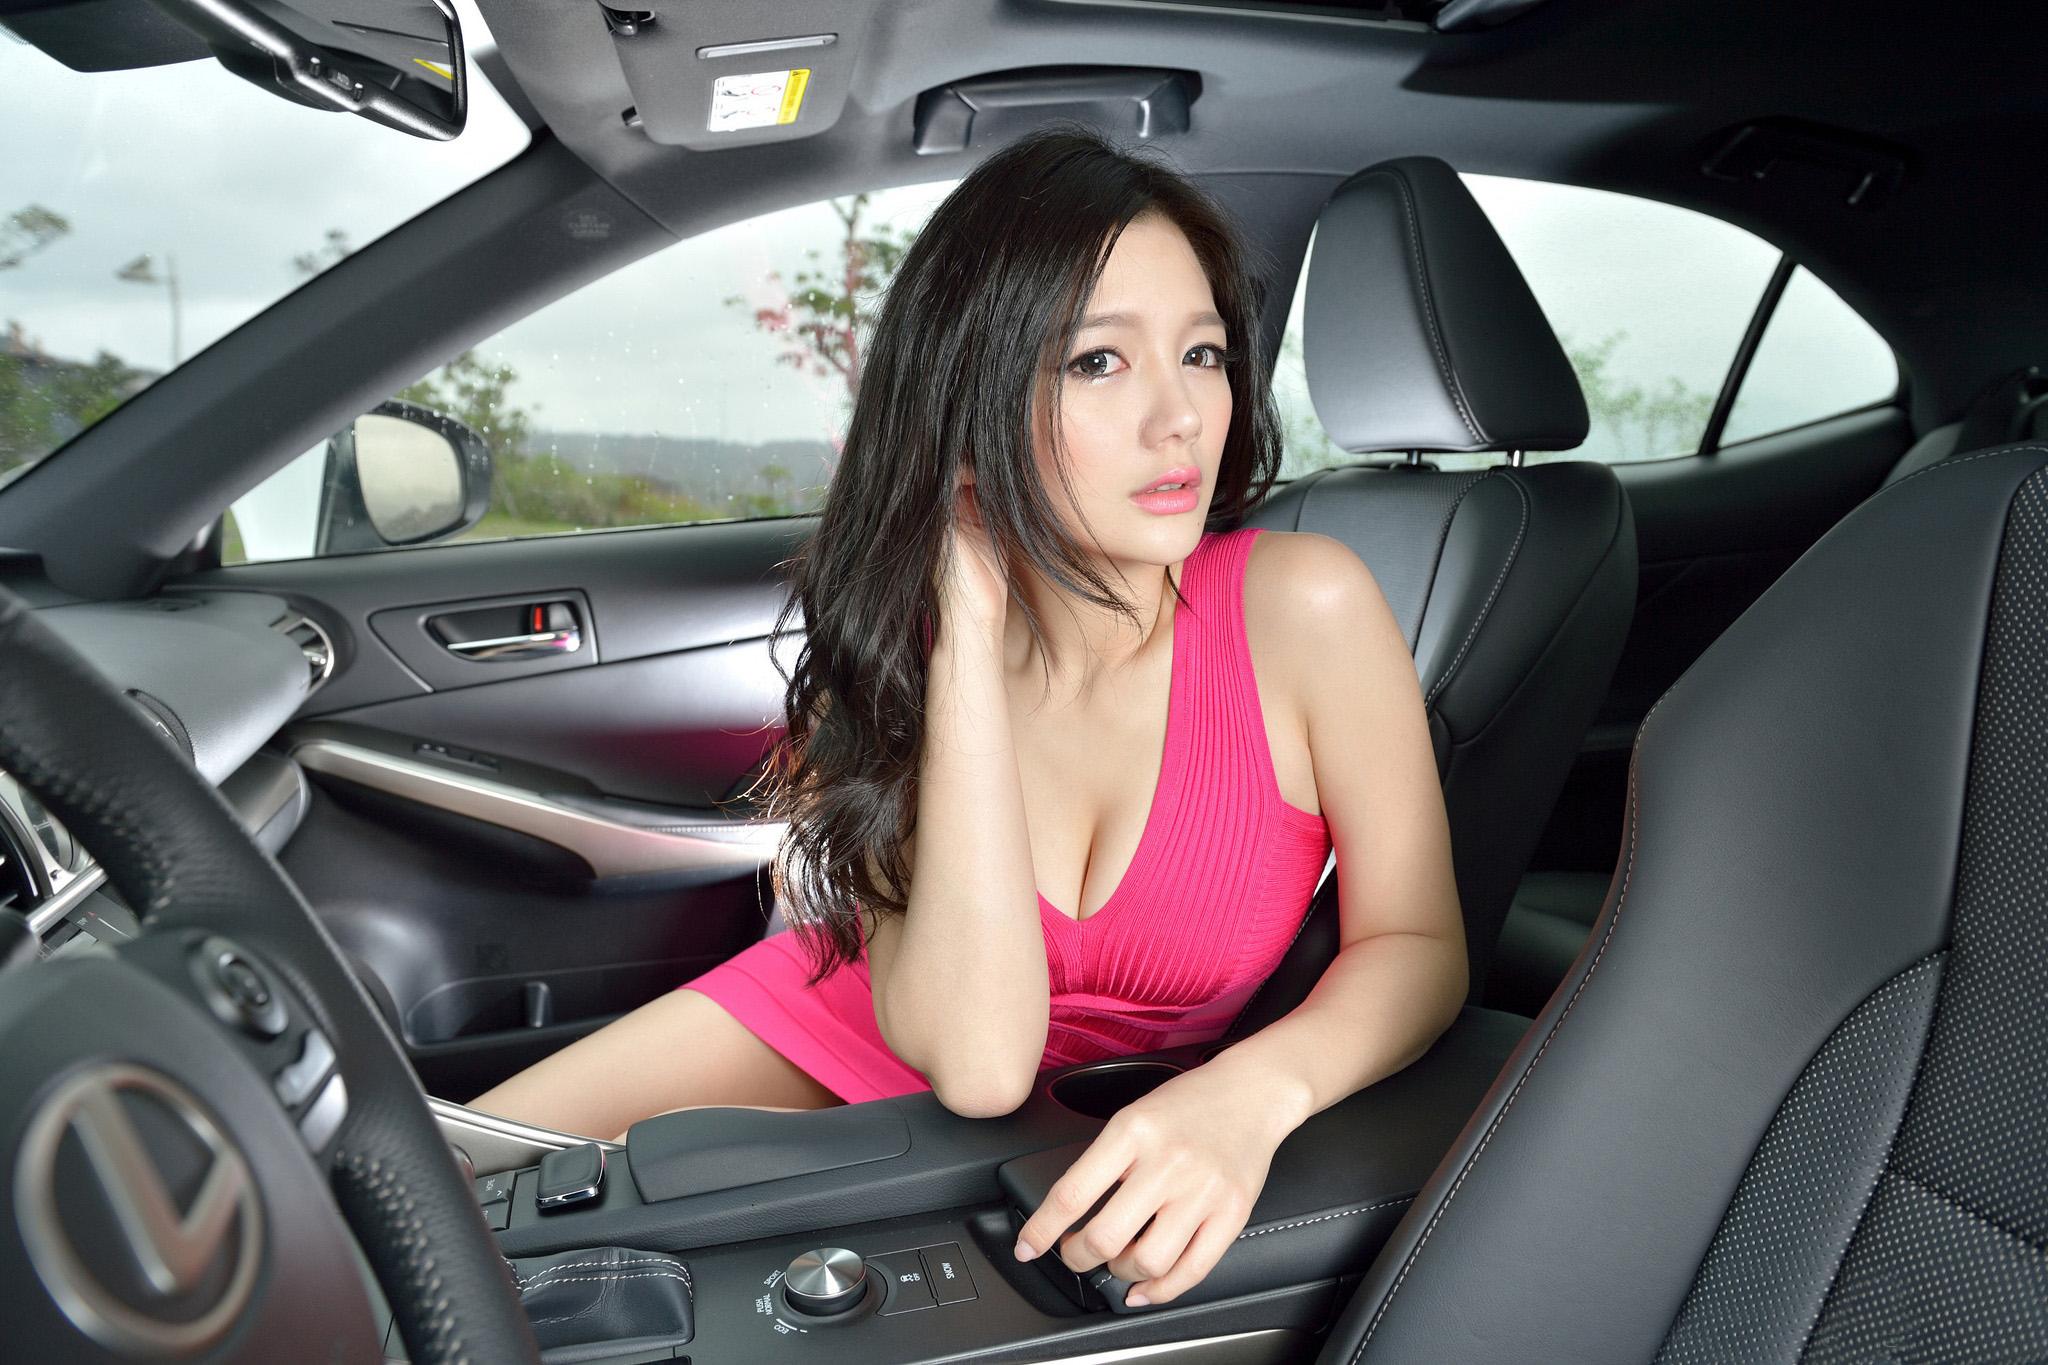 香车美女 庄咏慧、林茉晶等(2)[50P]q9xGi